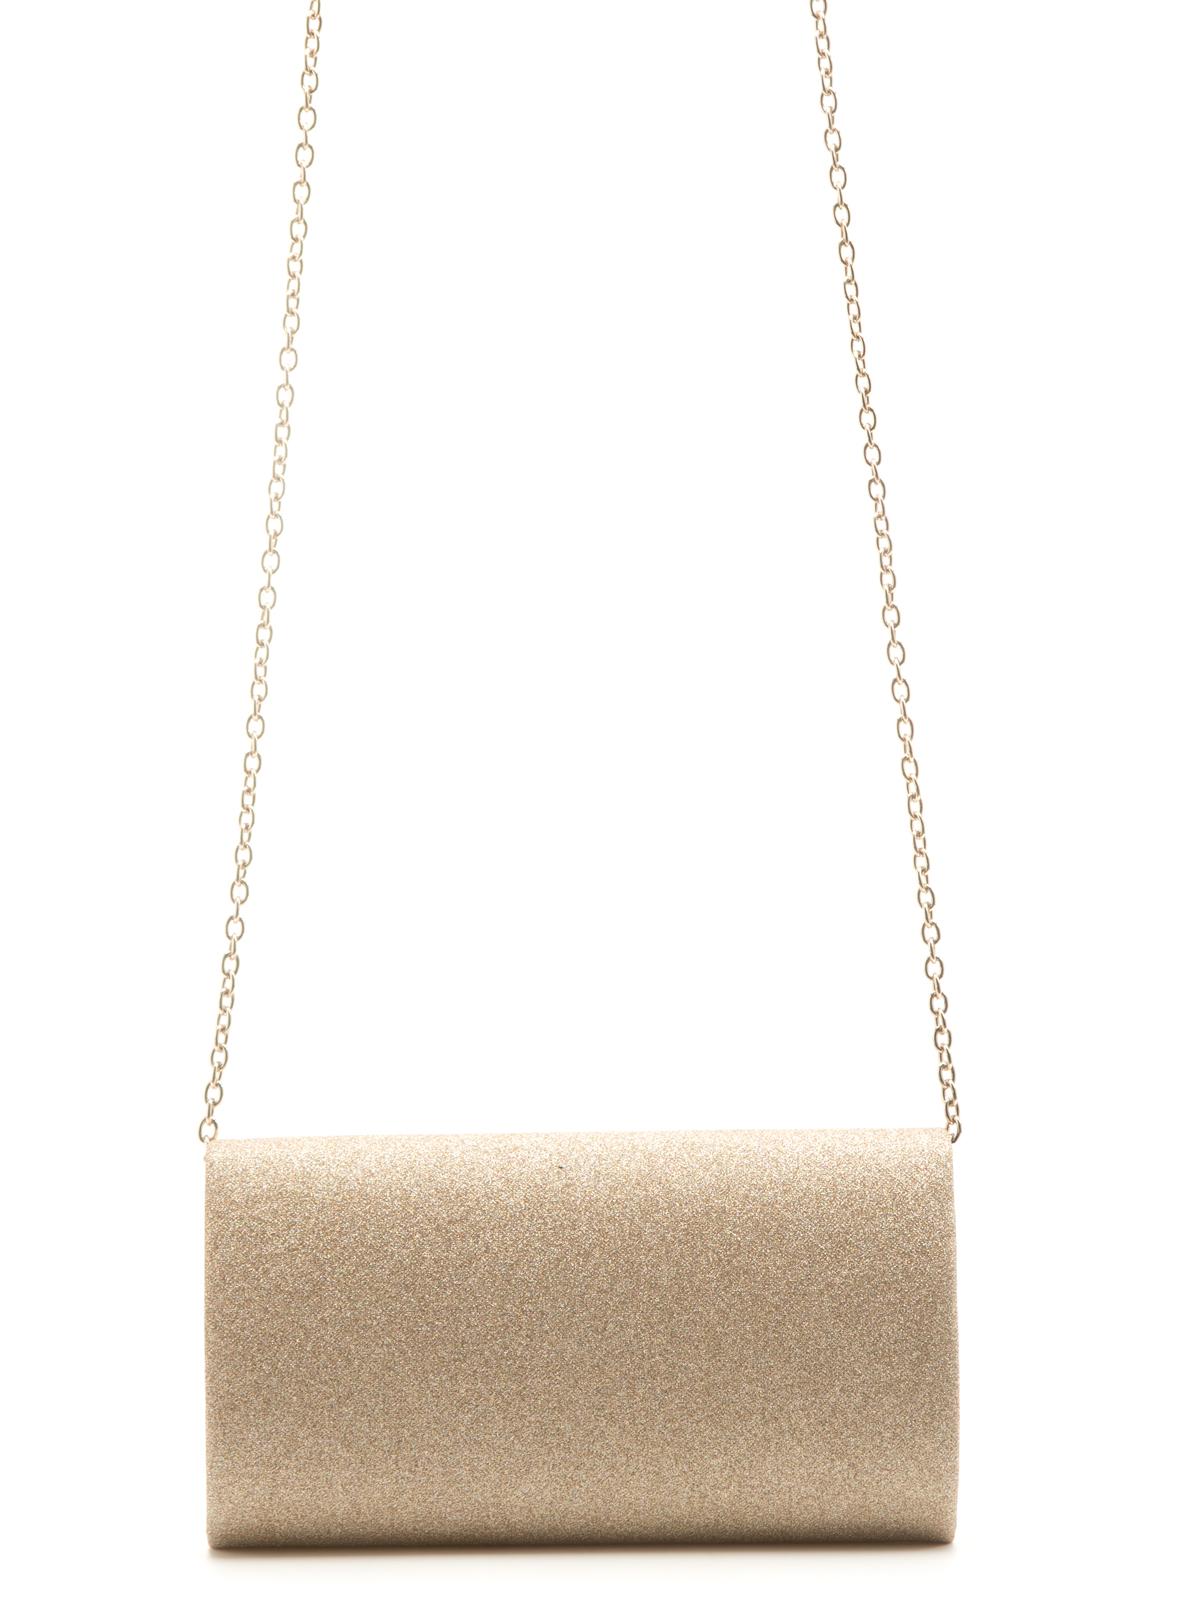 Сумка Eleganzza Клатч бежевого цвета на цепочке